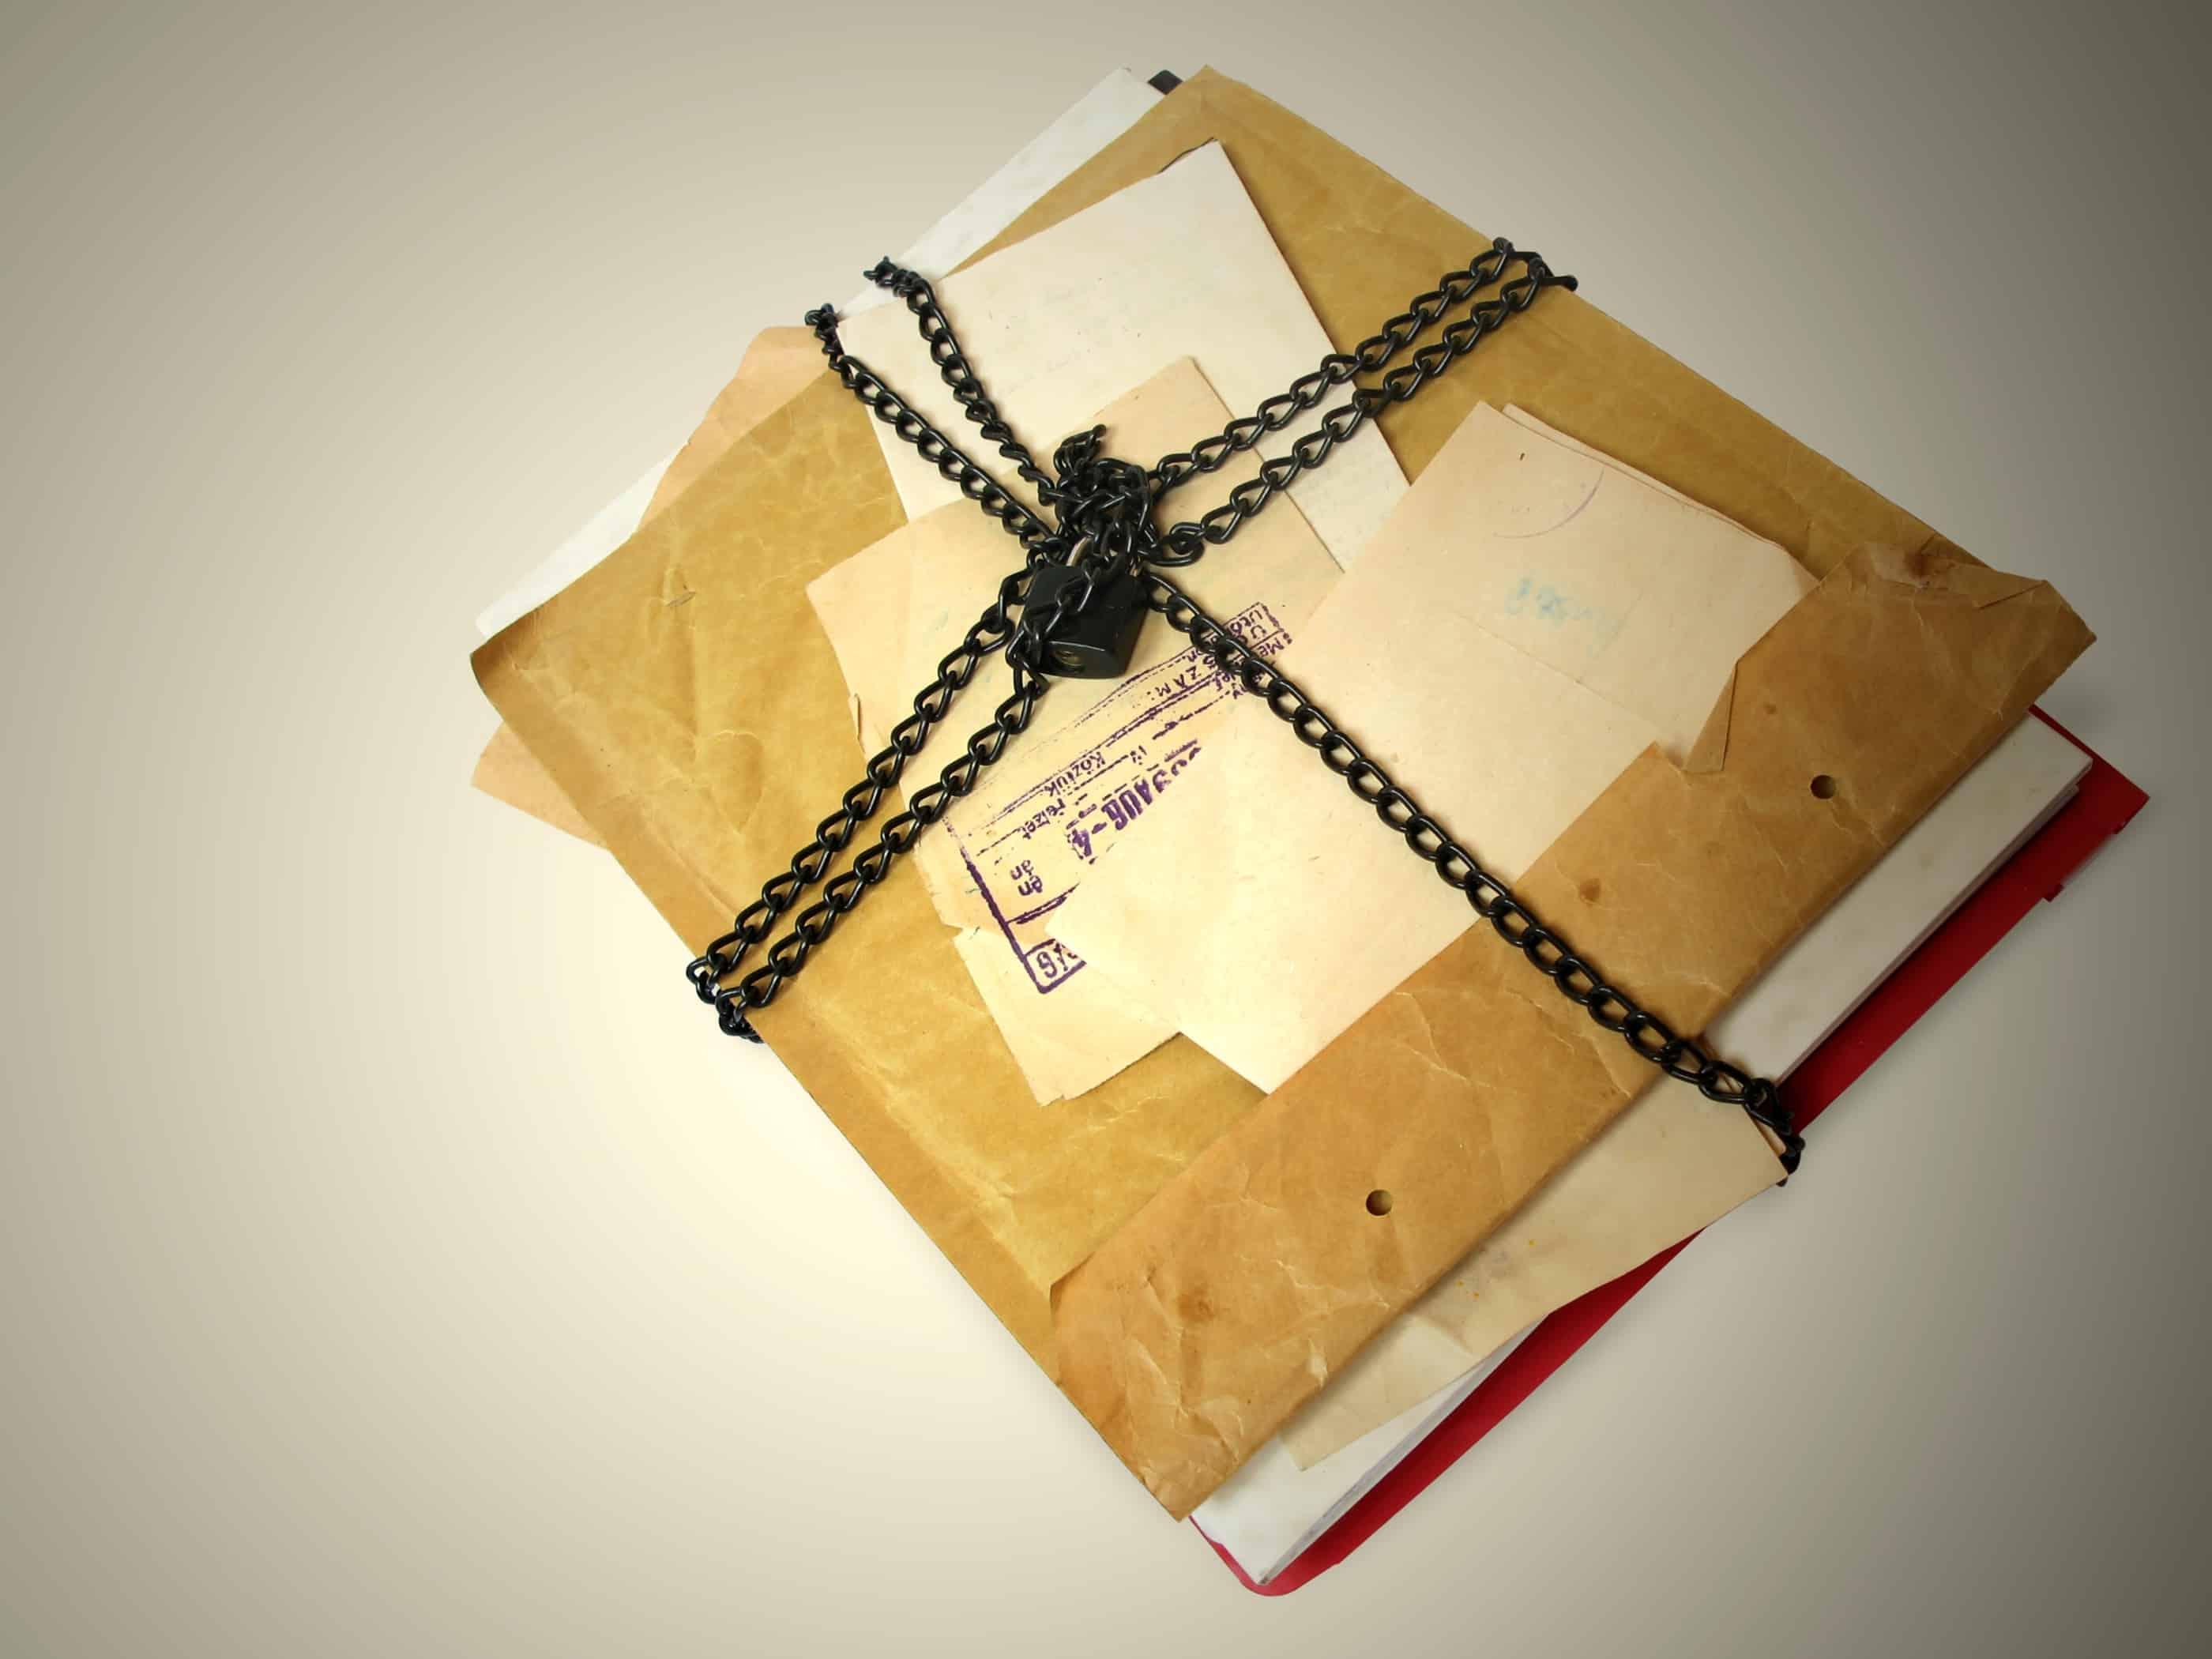 Dm levelet a postaládába? Újra megéri kiküldeni?